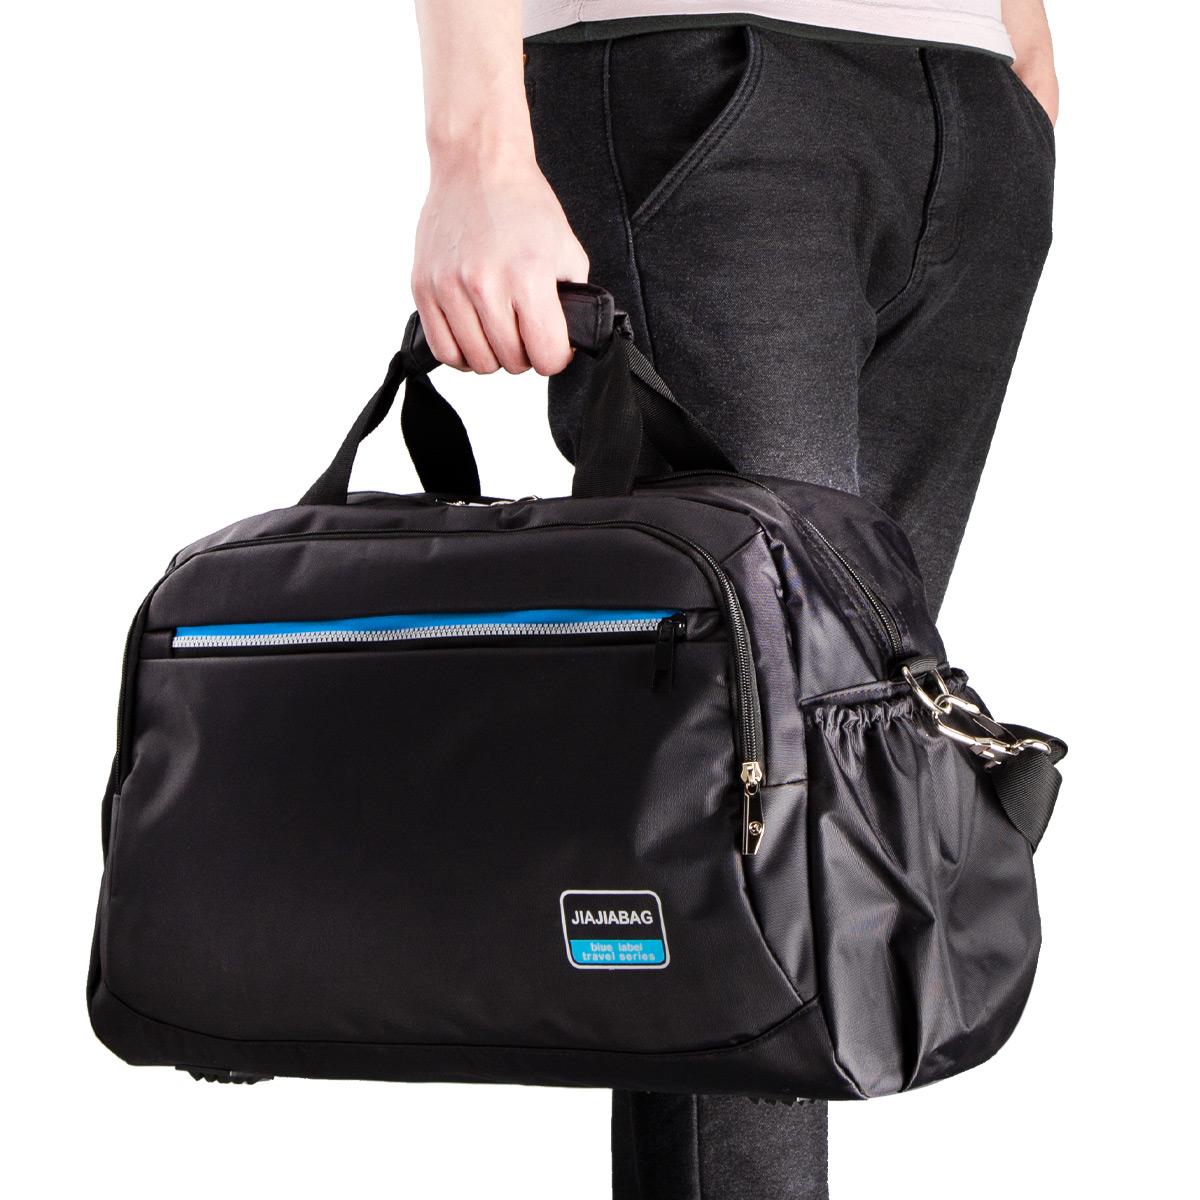 大容量手提斜挎旅行包户外旅行春秋游夏令营运动衣服收纳旅行包袋